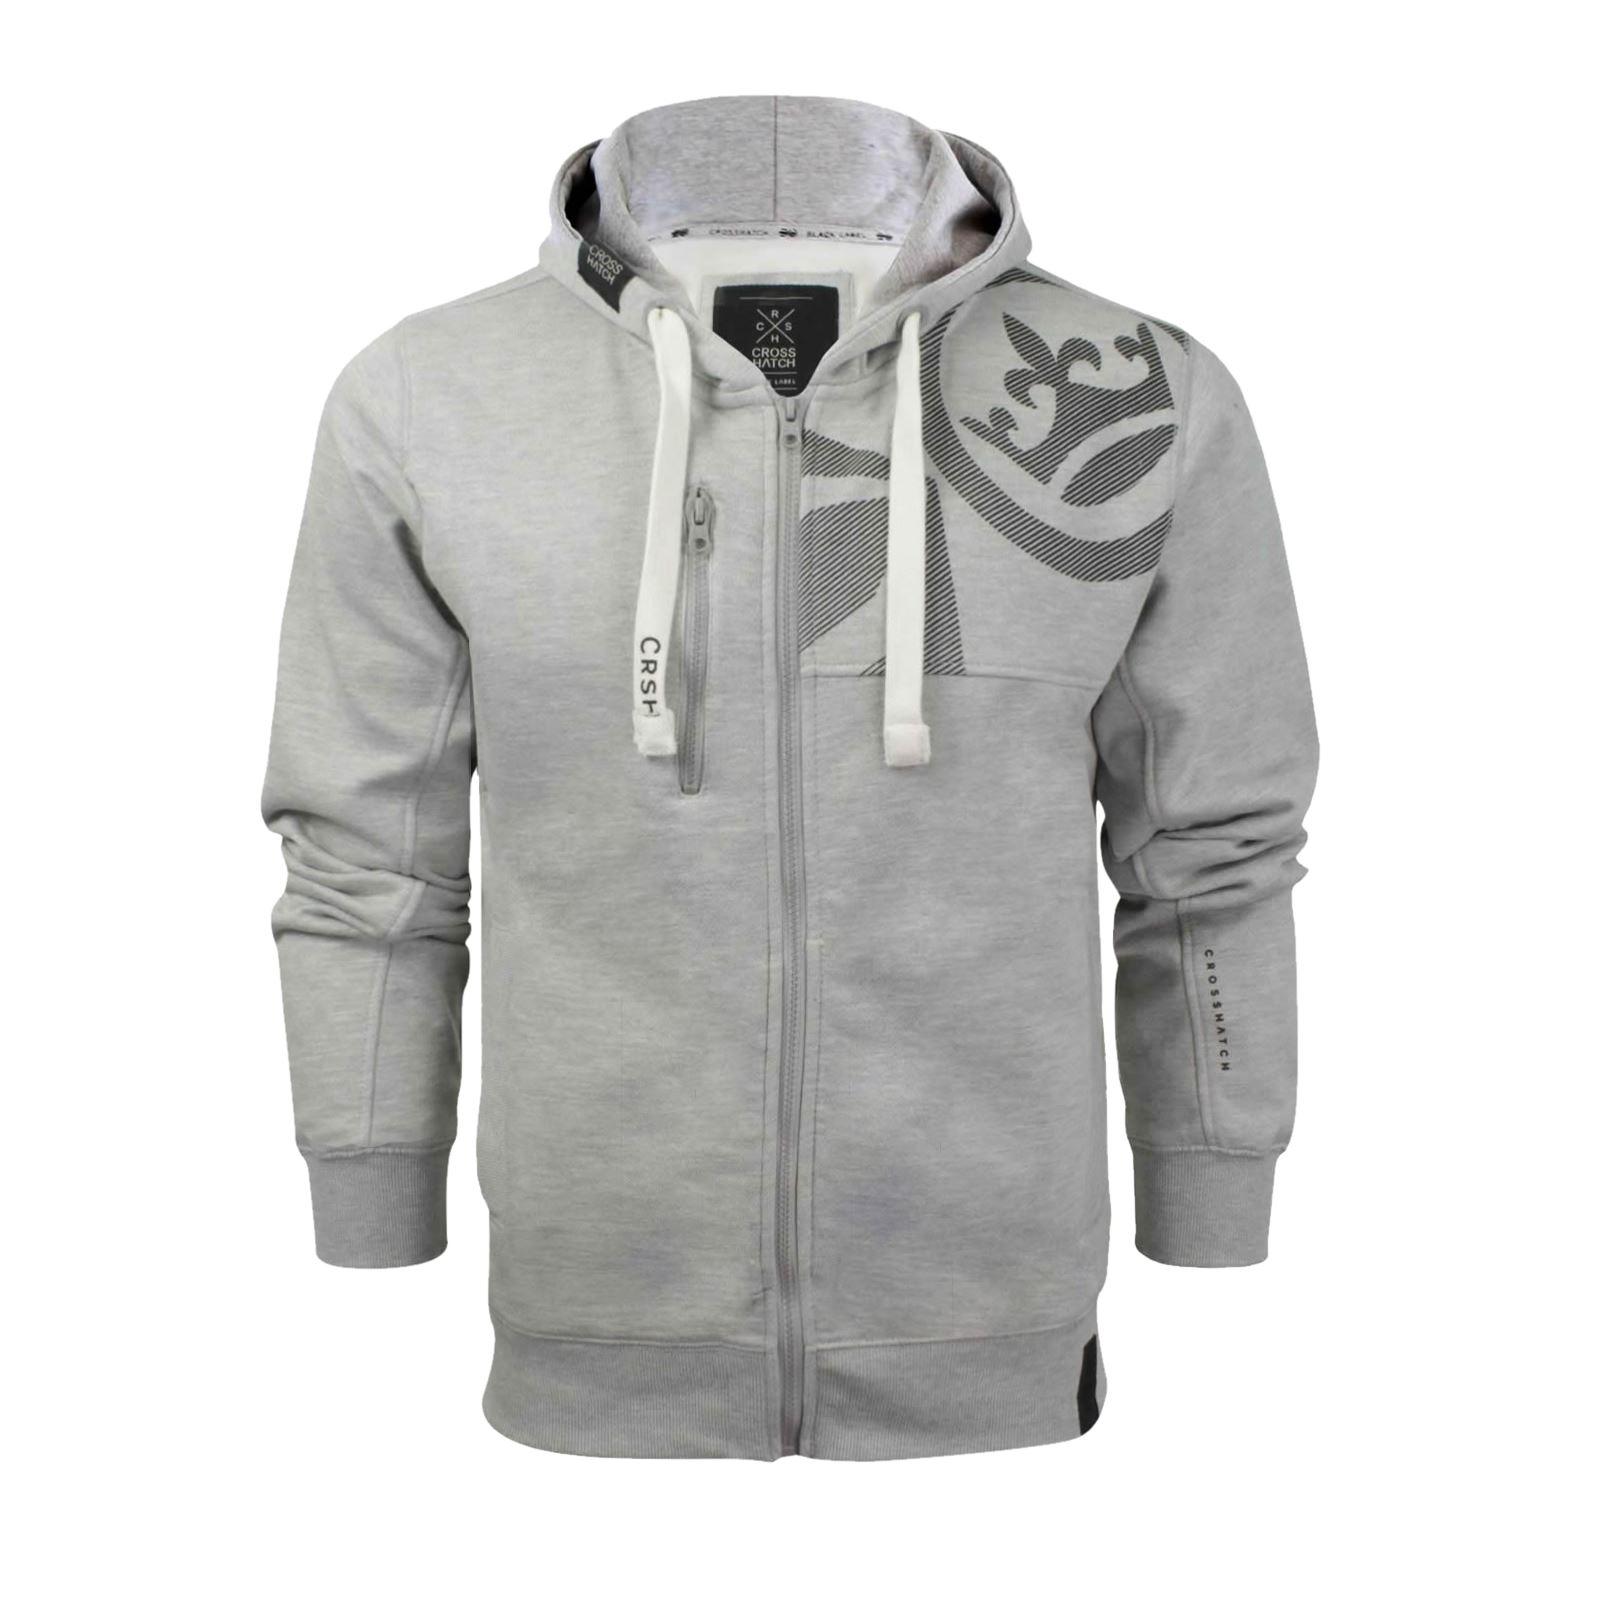 Mens-Hoodie-Crosshatch-Ribbler-Zip-Up-Hooded-Jacket-Pullover-Jumper-Sweatershirt thumbnail 29